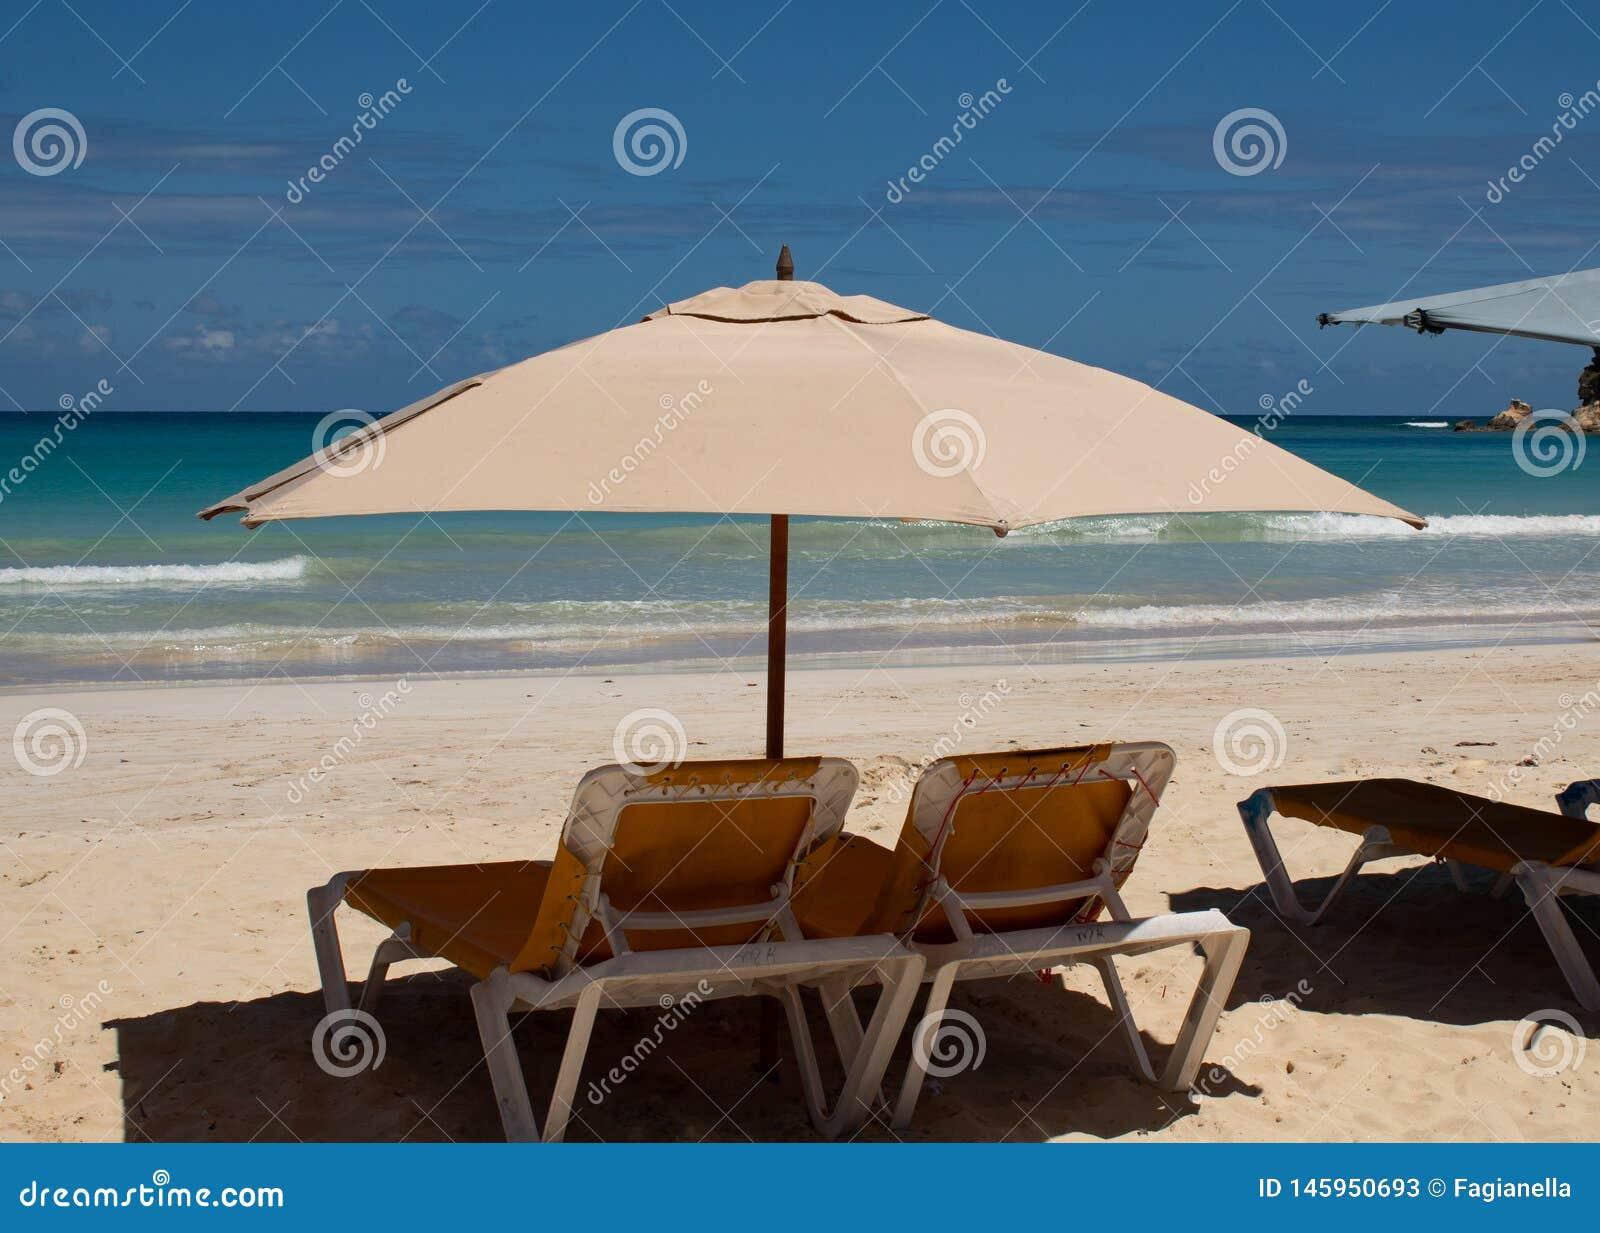 Couleurs des Cara?bes : lits pliants et parapluies sur la plage publique, la mer bleue intense et le ciel : paradis tropical